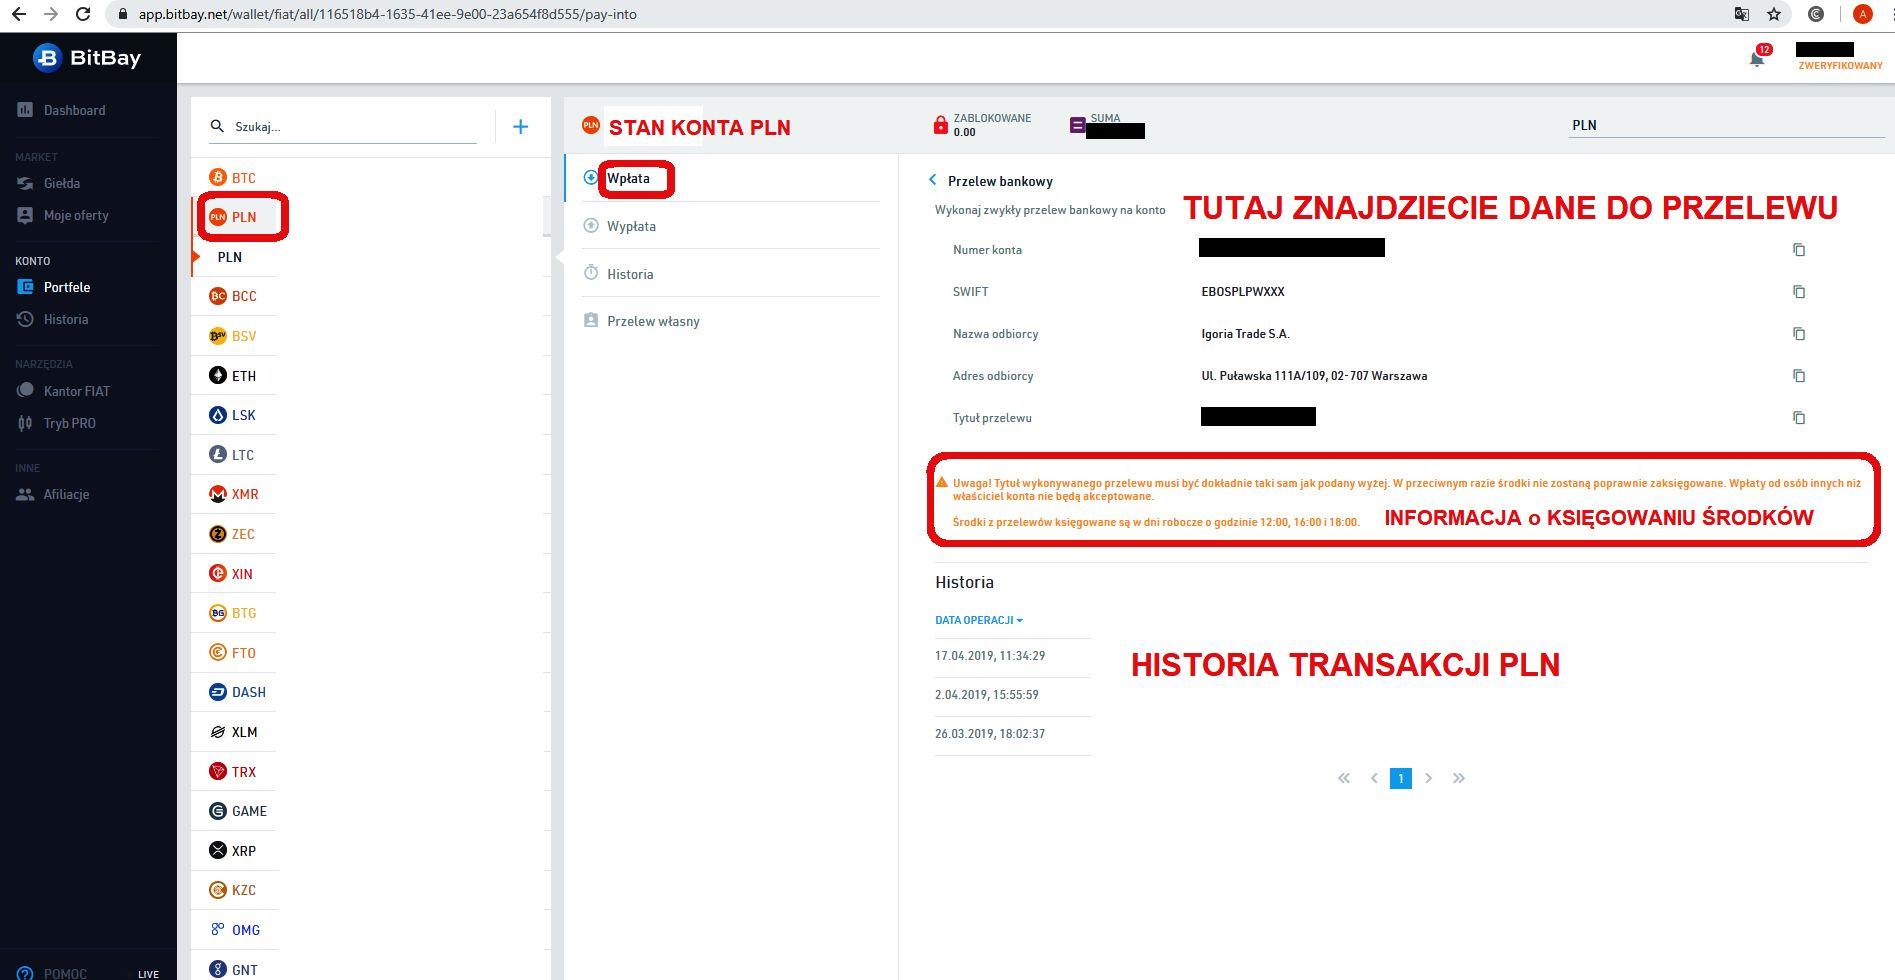 Jak inwestować w kryptowaluty Bitbay porfel PLN depozyt przelew